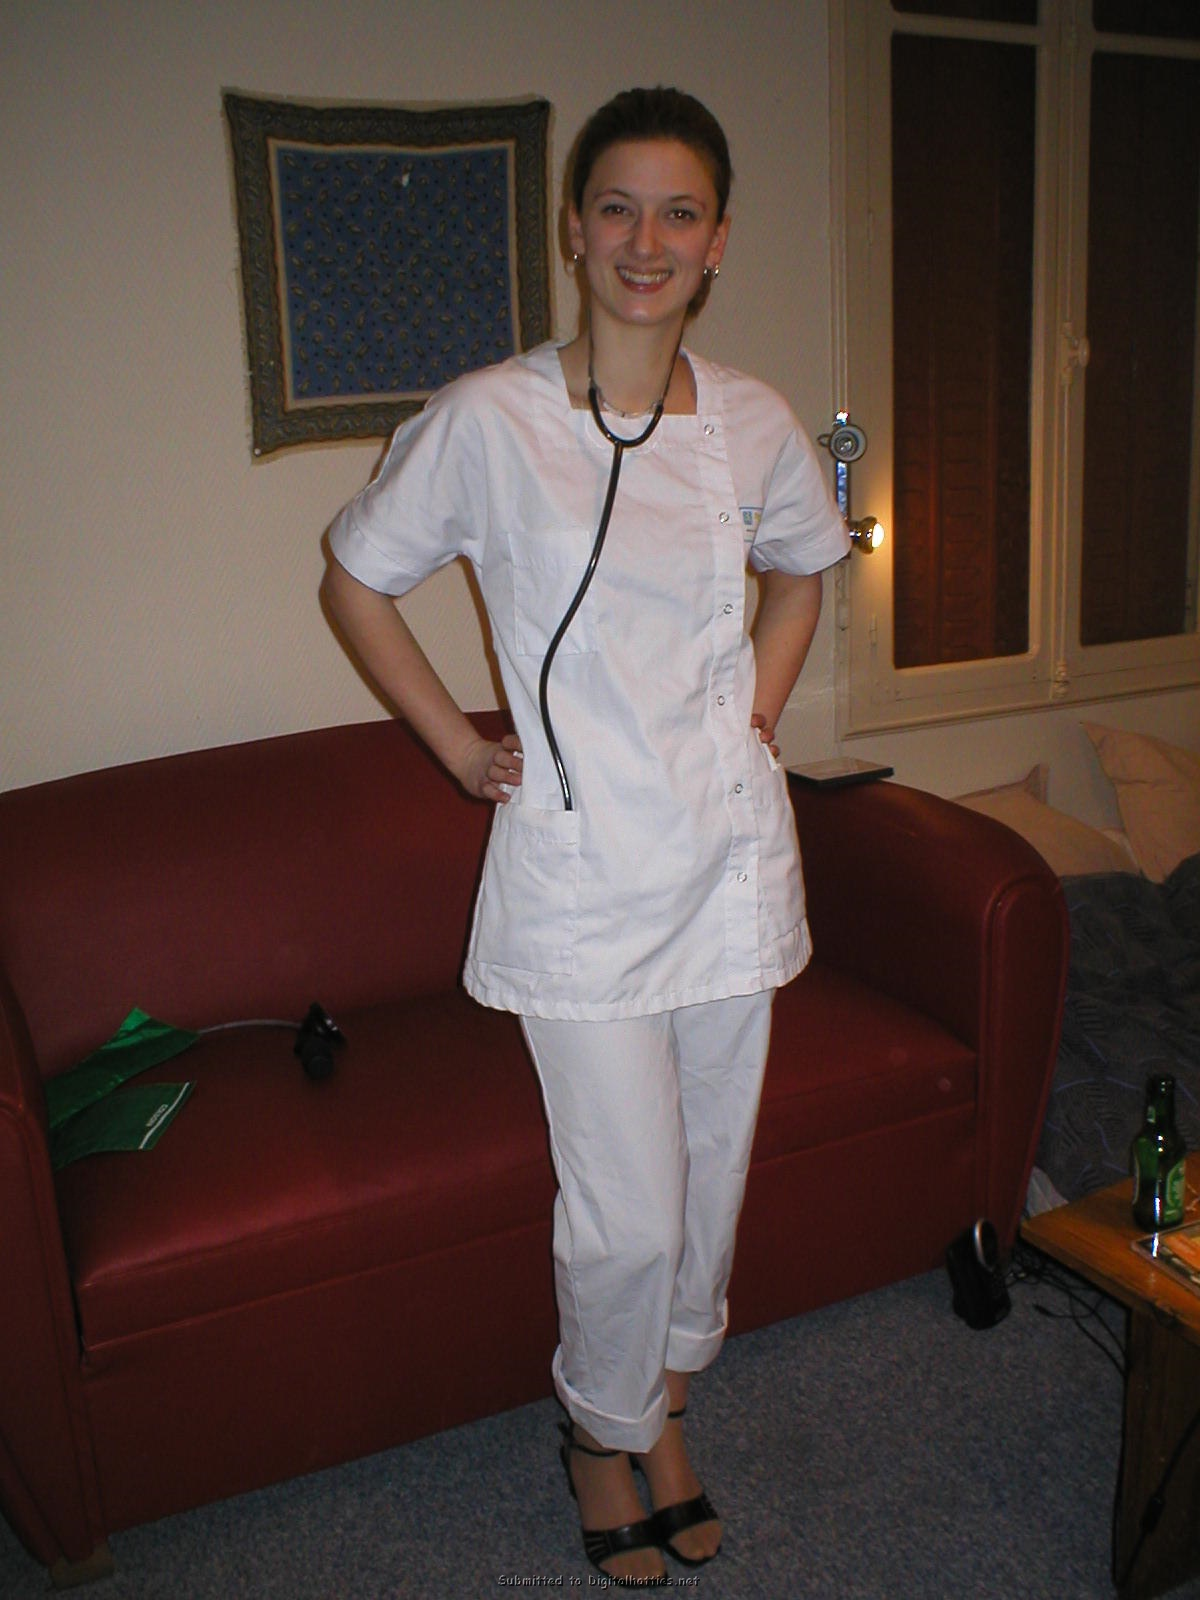 Развратные фото медсестер 17 фотография